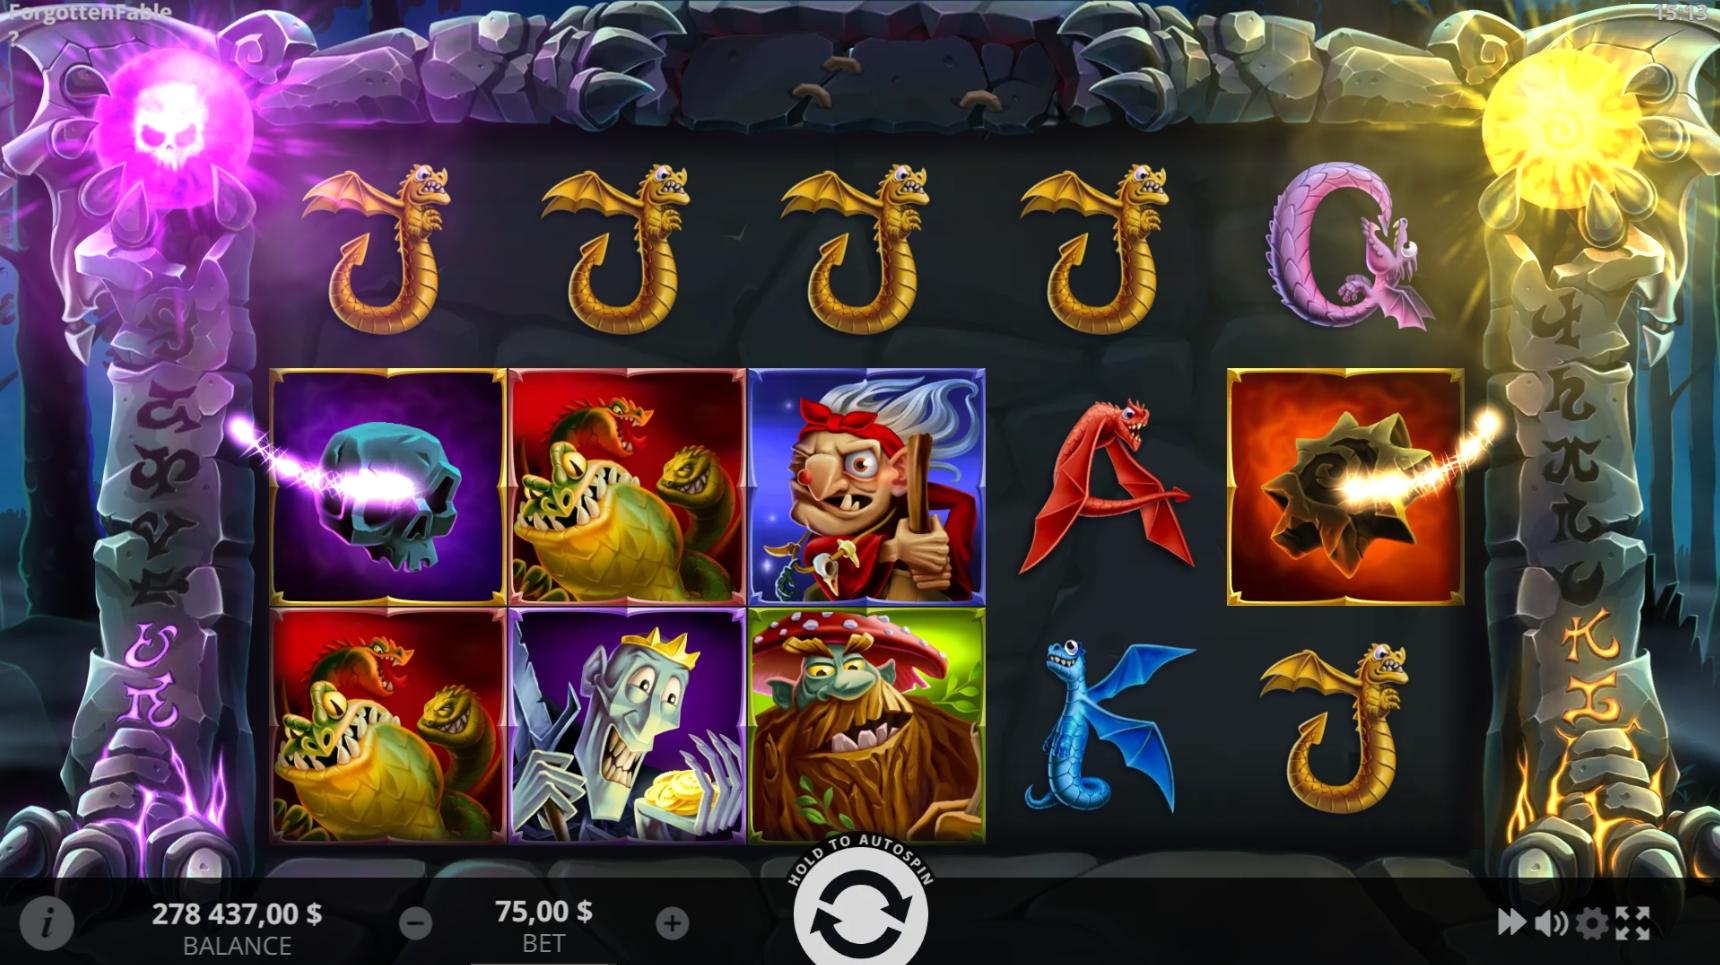 Forgotten fable от evoplay игровые автоматы рейтинг слотов рф игровой автомат книжки после этой комбинации